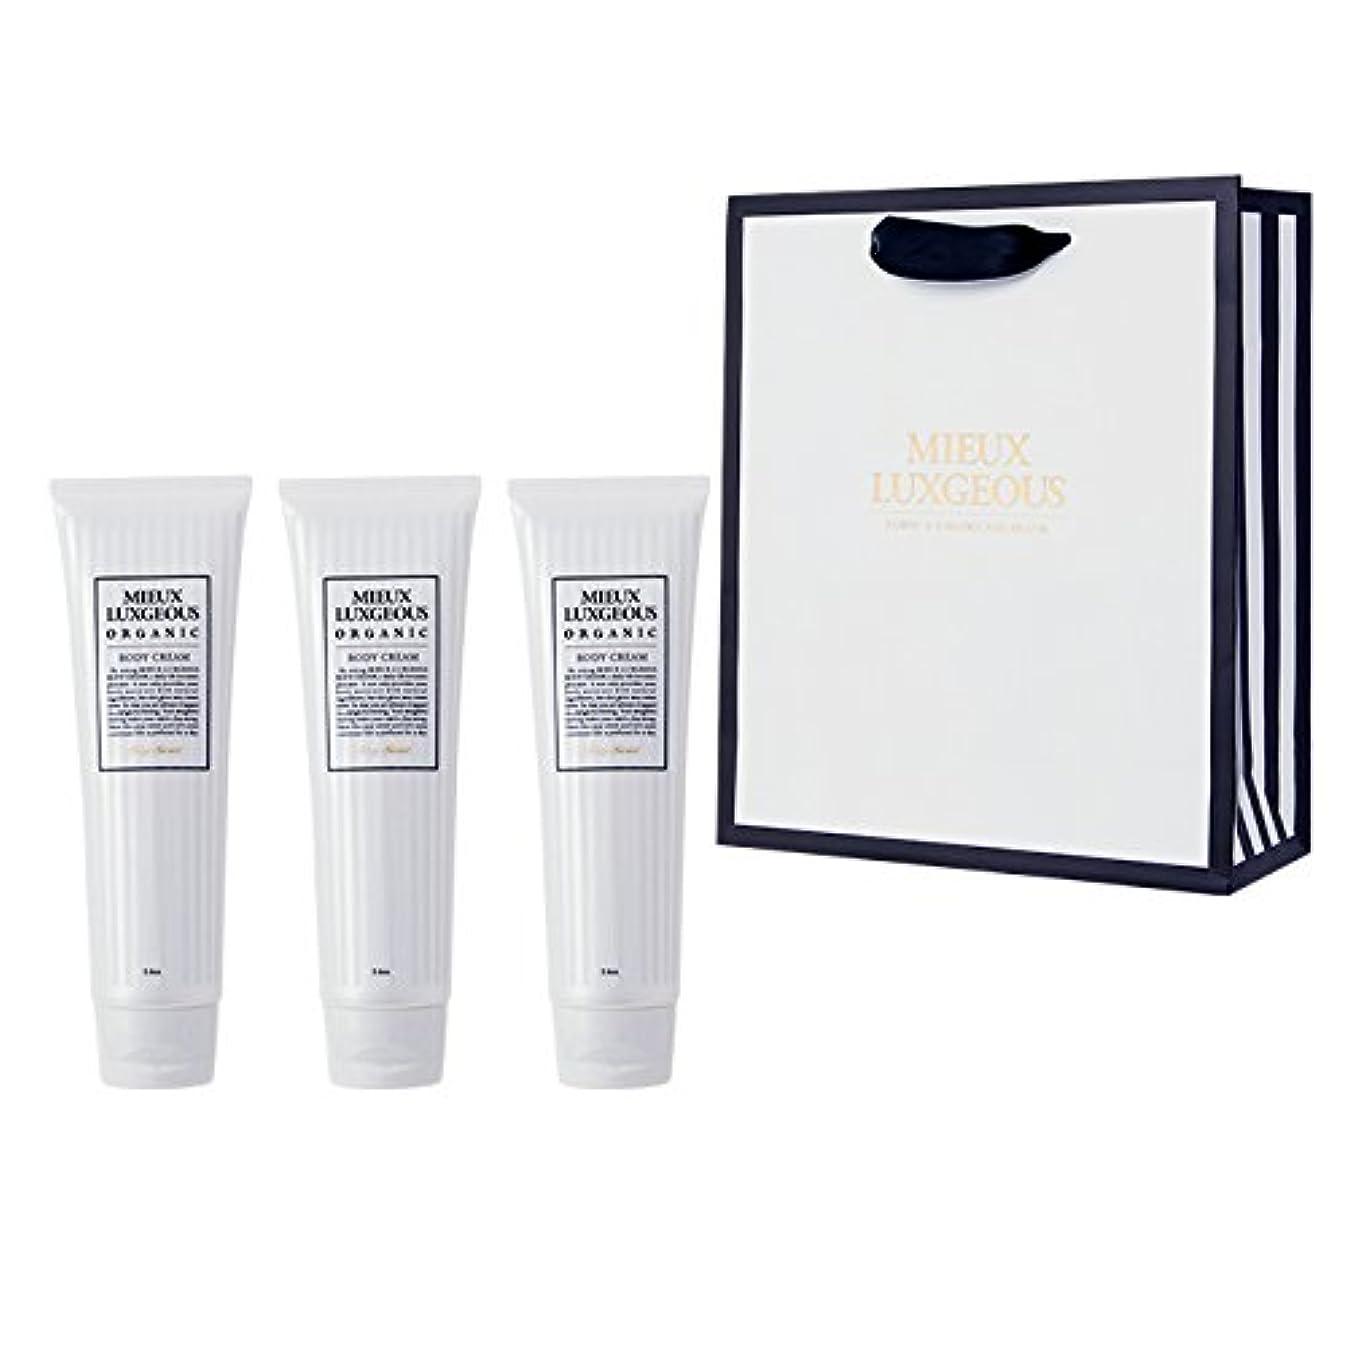 危機たまに加入Body Cream 3本set with Paperbag02